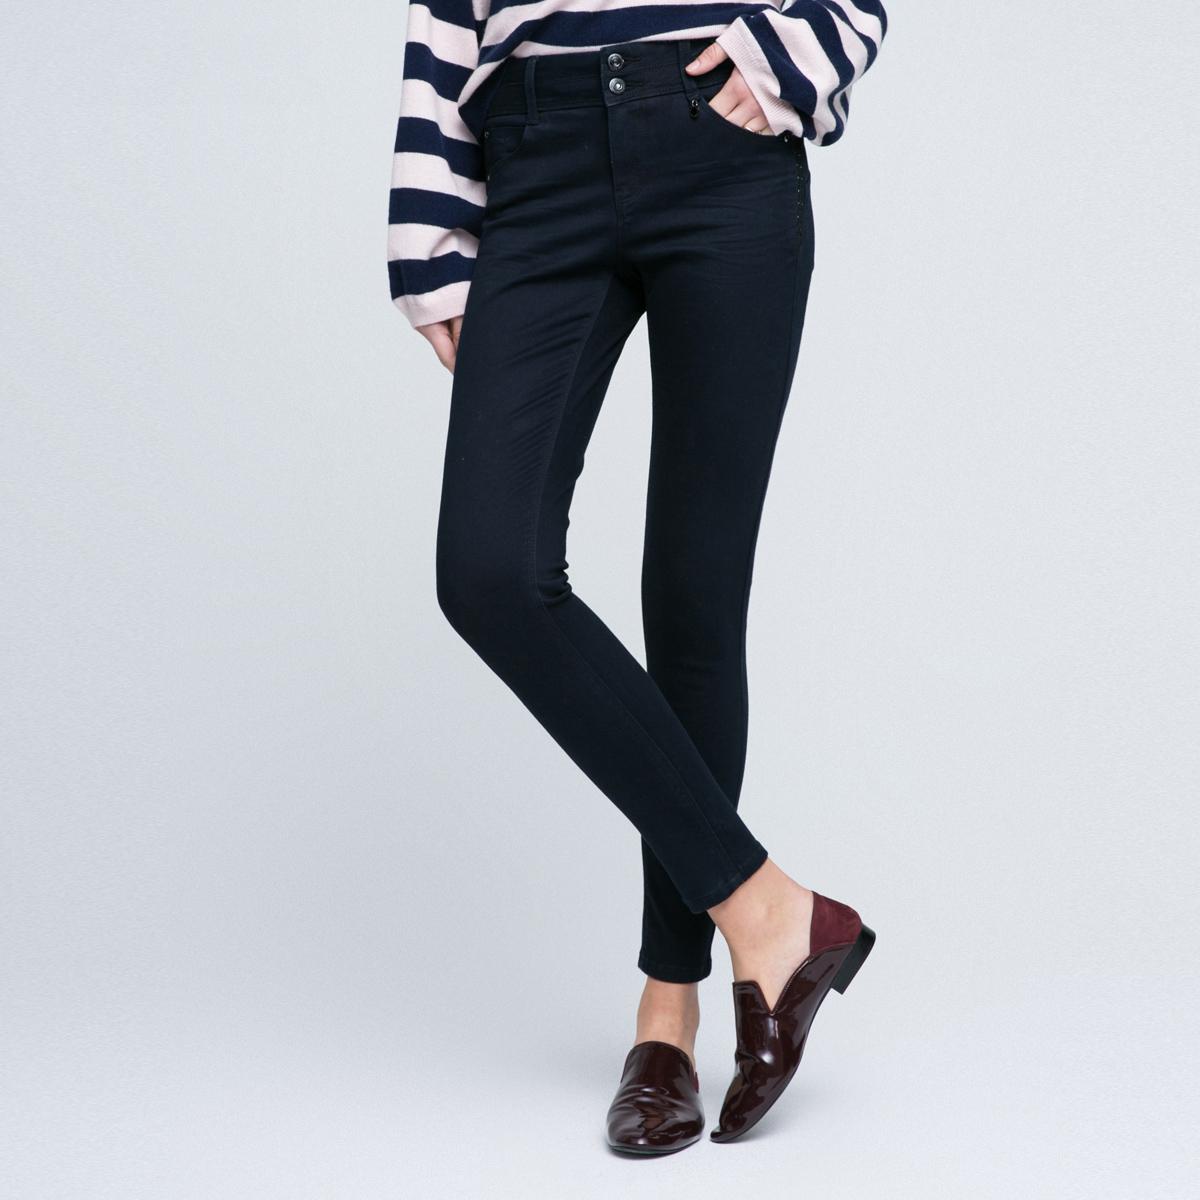 ONLY2018年新品休闲纯色修身中腰修身长款牛仔裤女|117132501